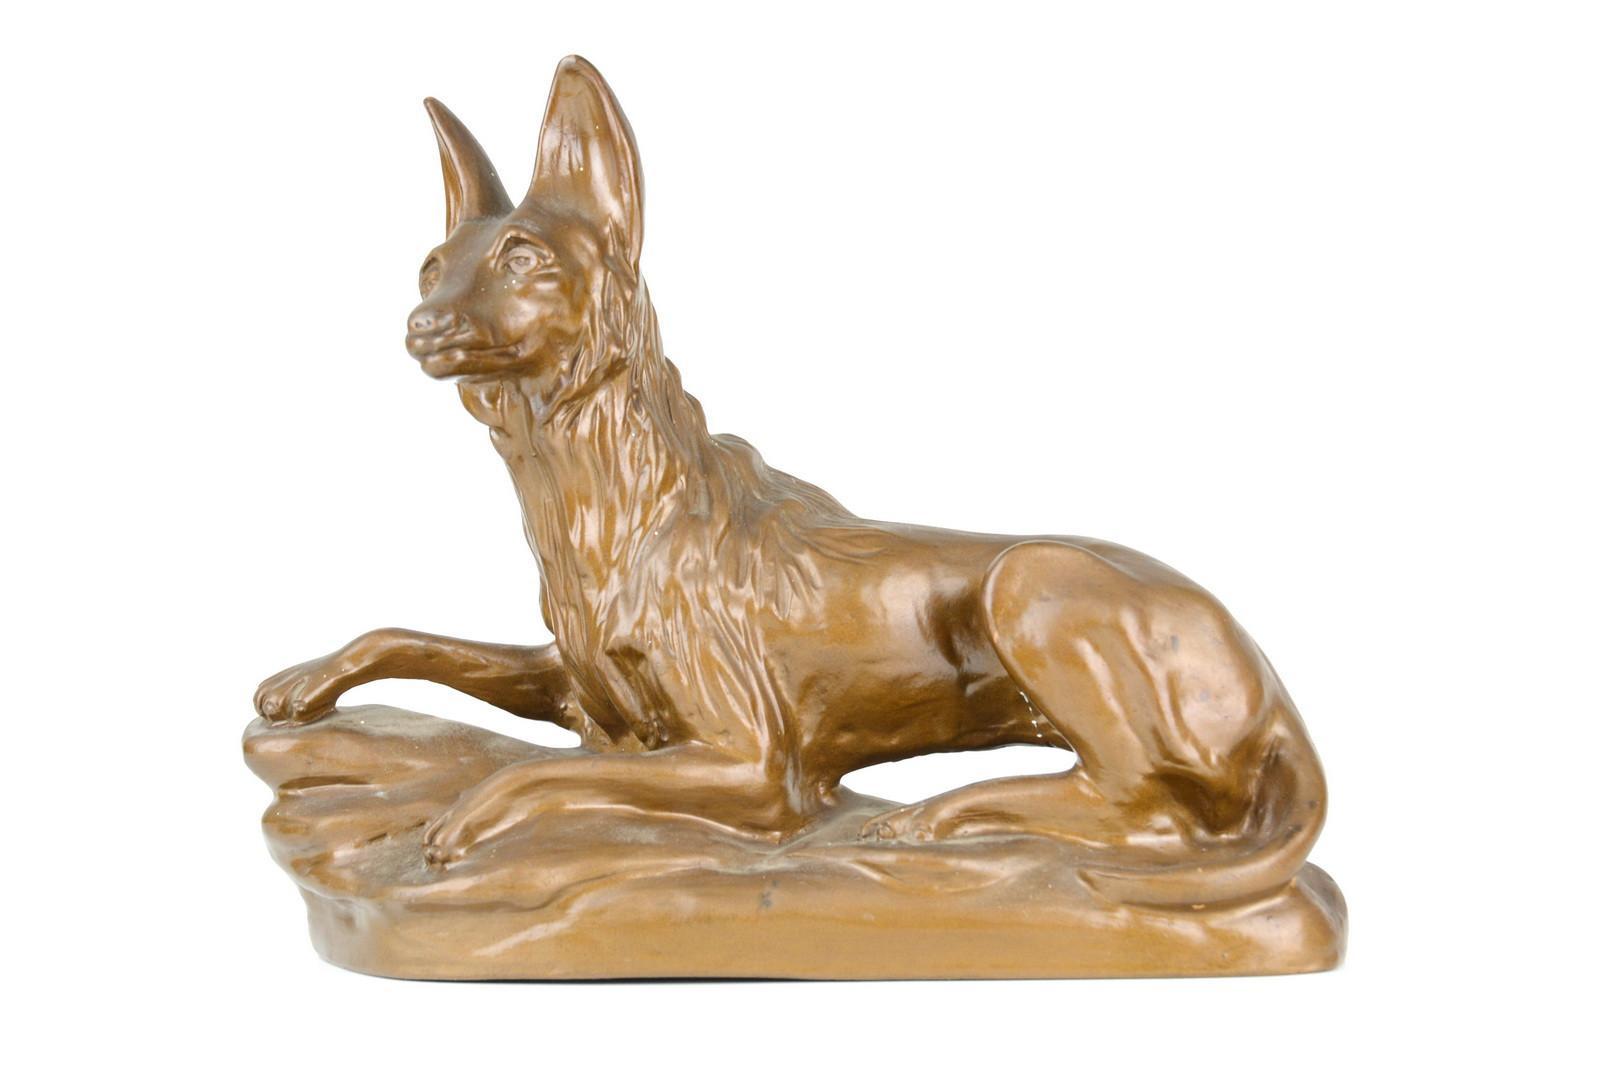 statua-con-cane-lupo-in-gesso-dipinto-5,2390.jpg?WebbinsCacheCounter=1